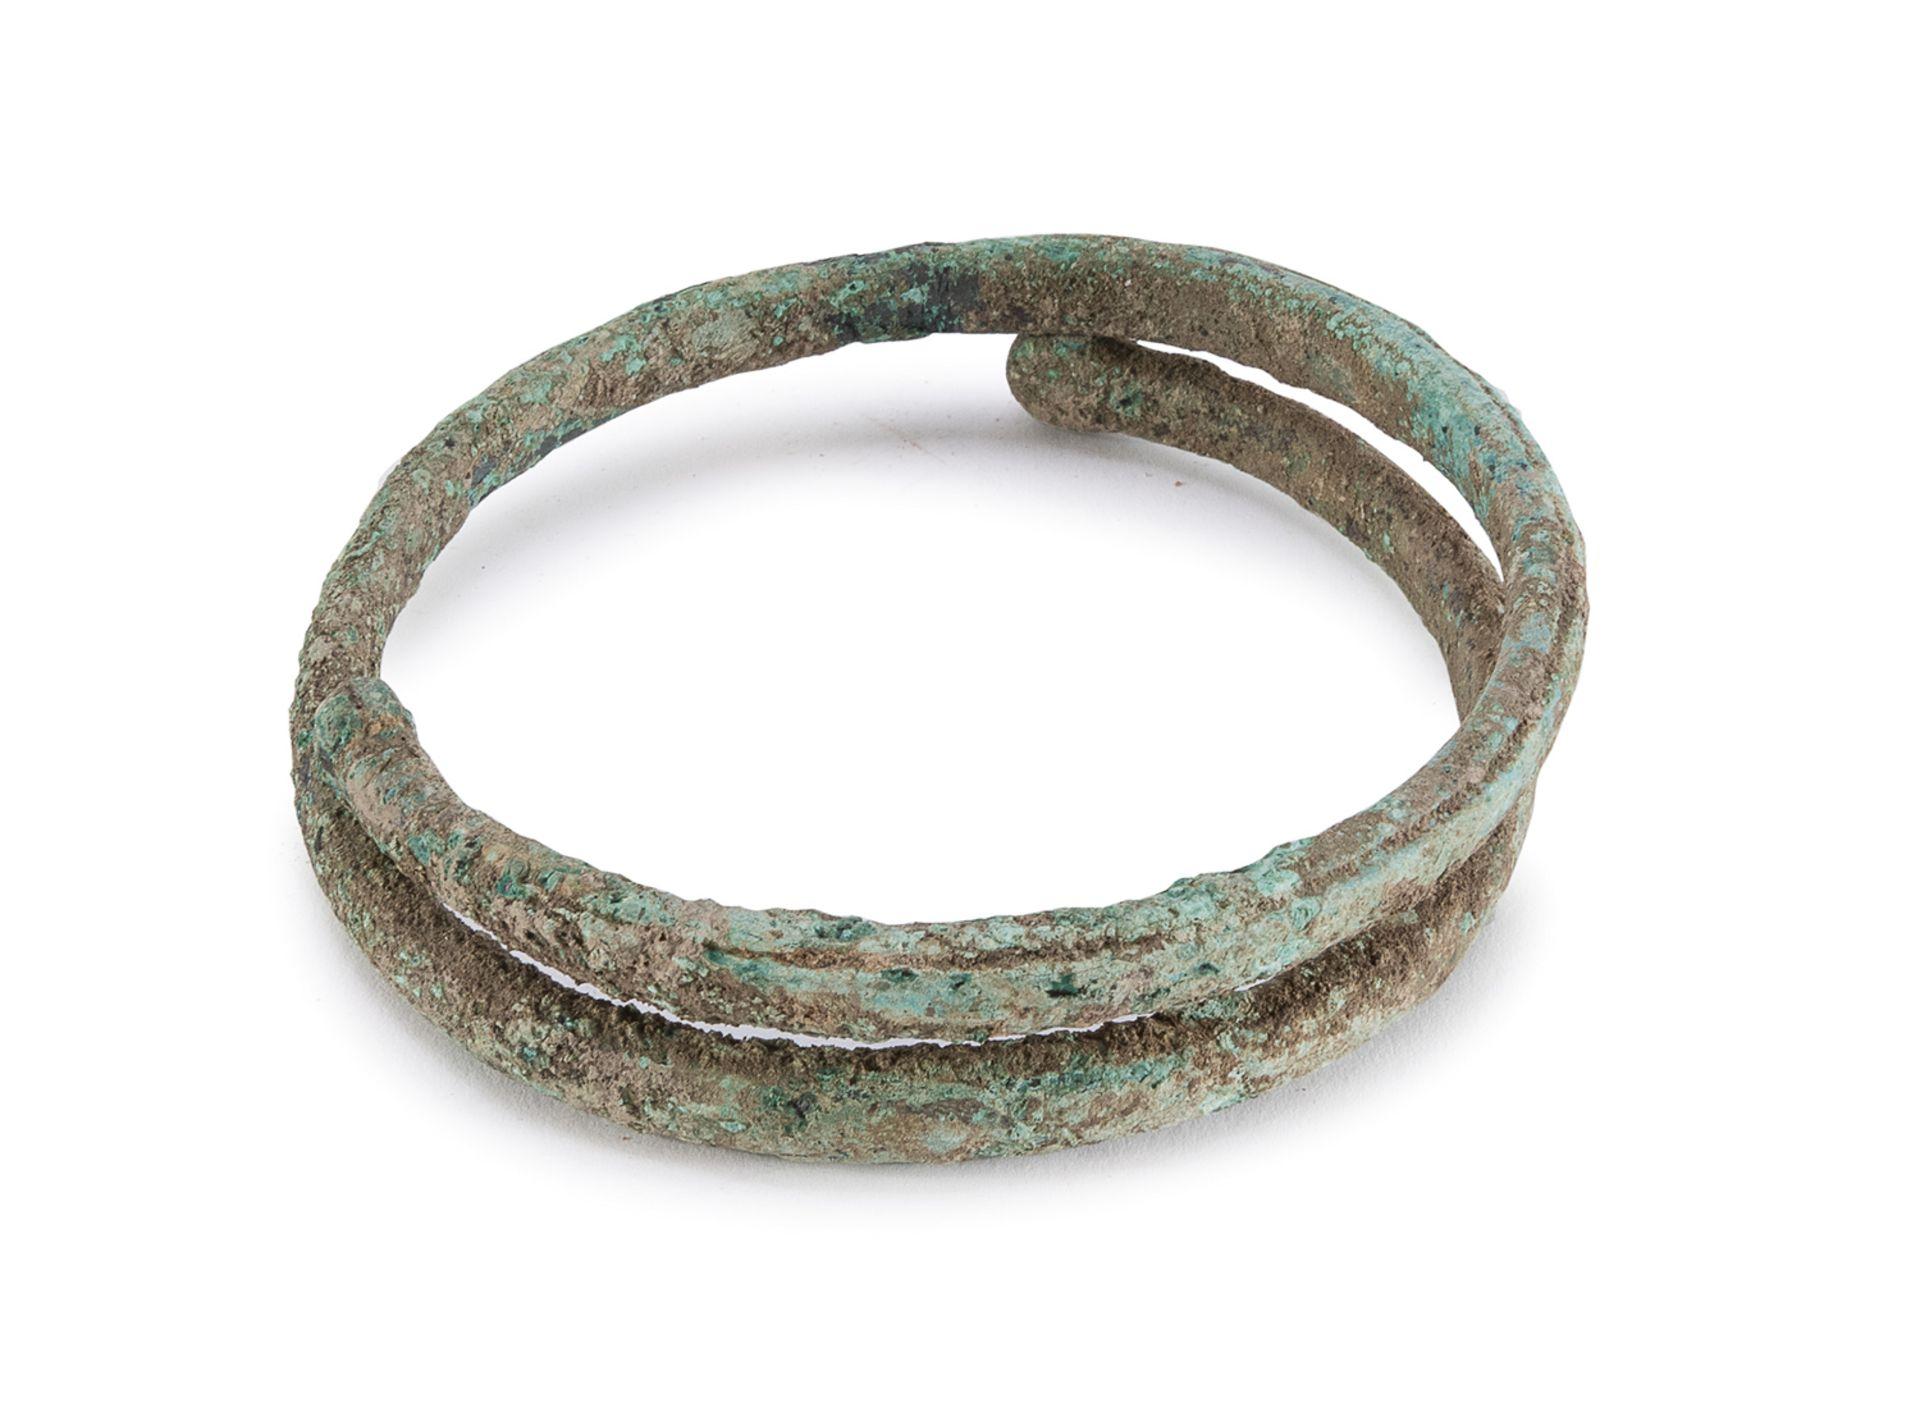 BRONZE ARMILLA 6th-2nd CENTURY BC